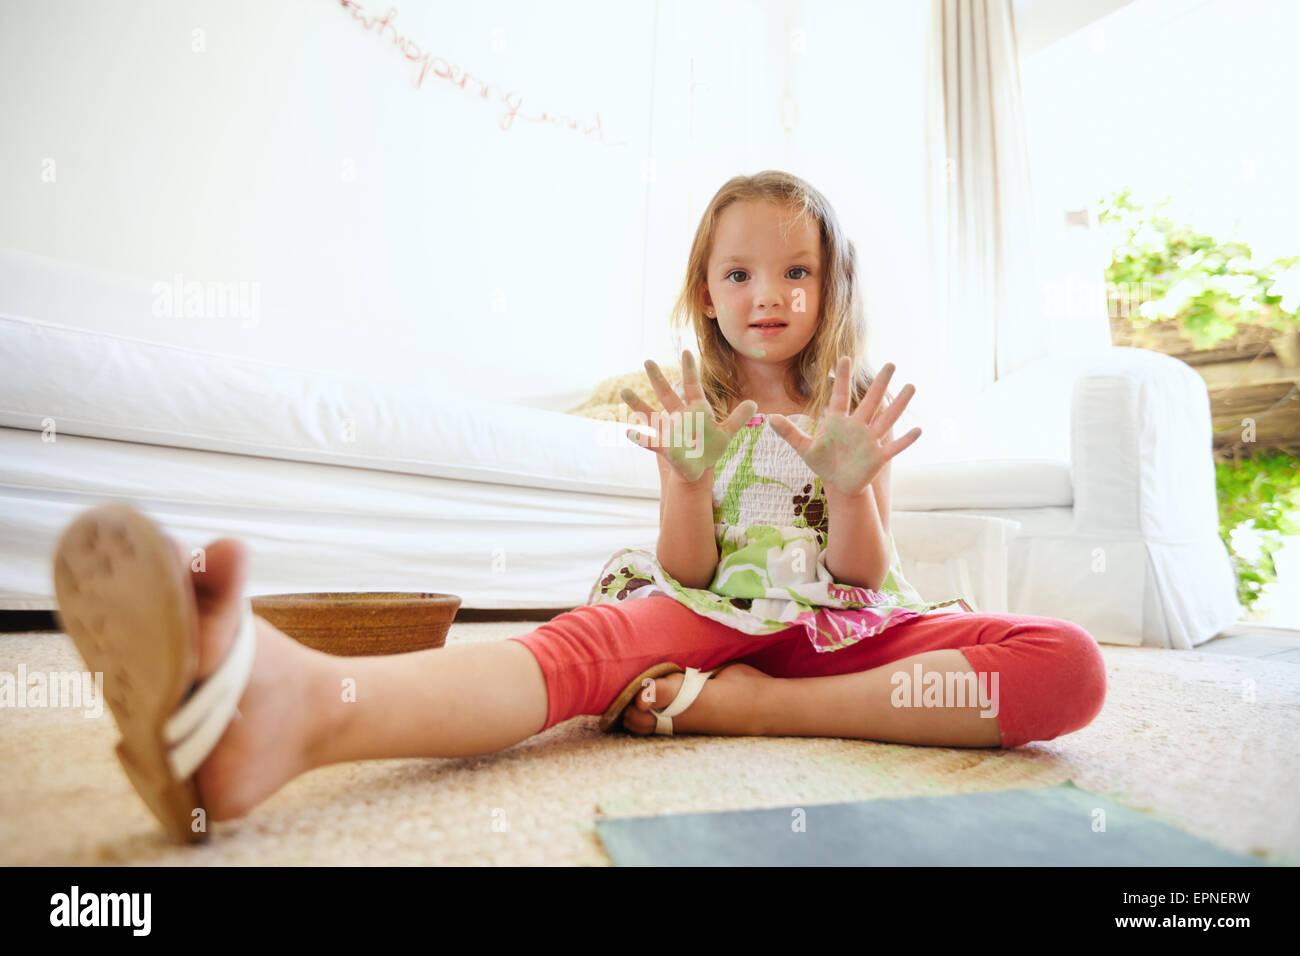 Porträt von schönen Mädchen, die Spaß beim Malen. Schulmädchen auf Boden zu Hause sitzen Stockbild